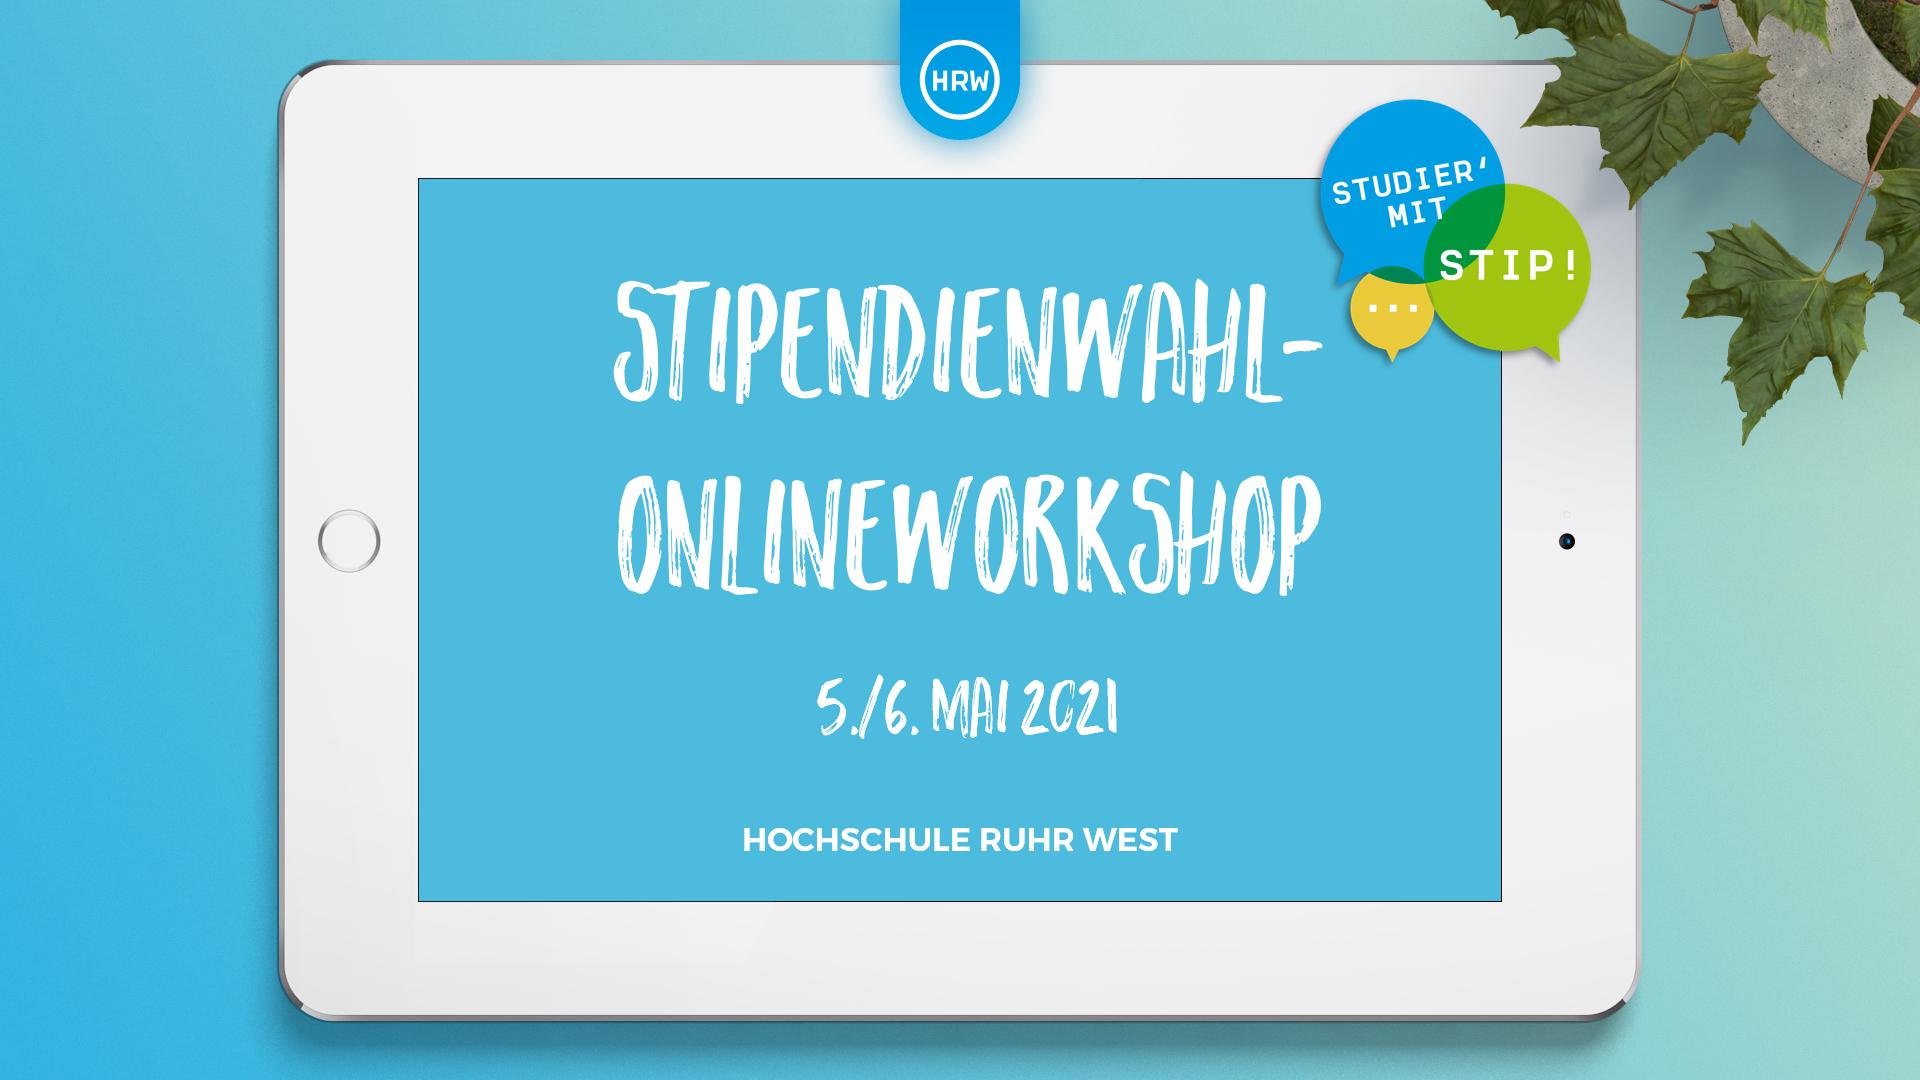 Stipendienwahl-Onlineworkshops der HRW